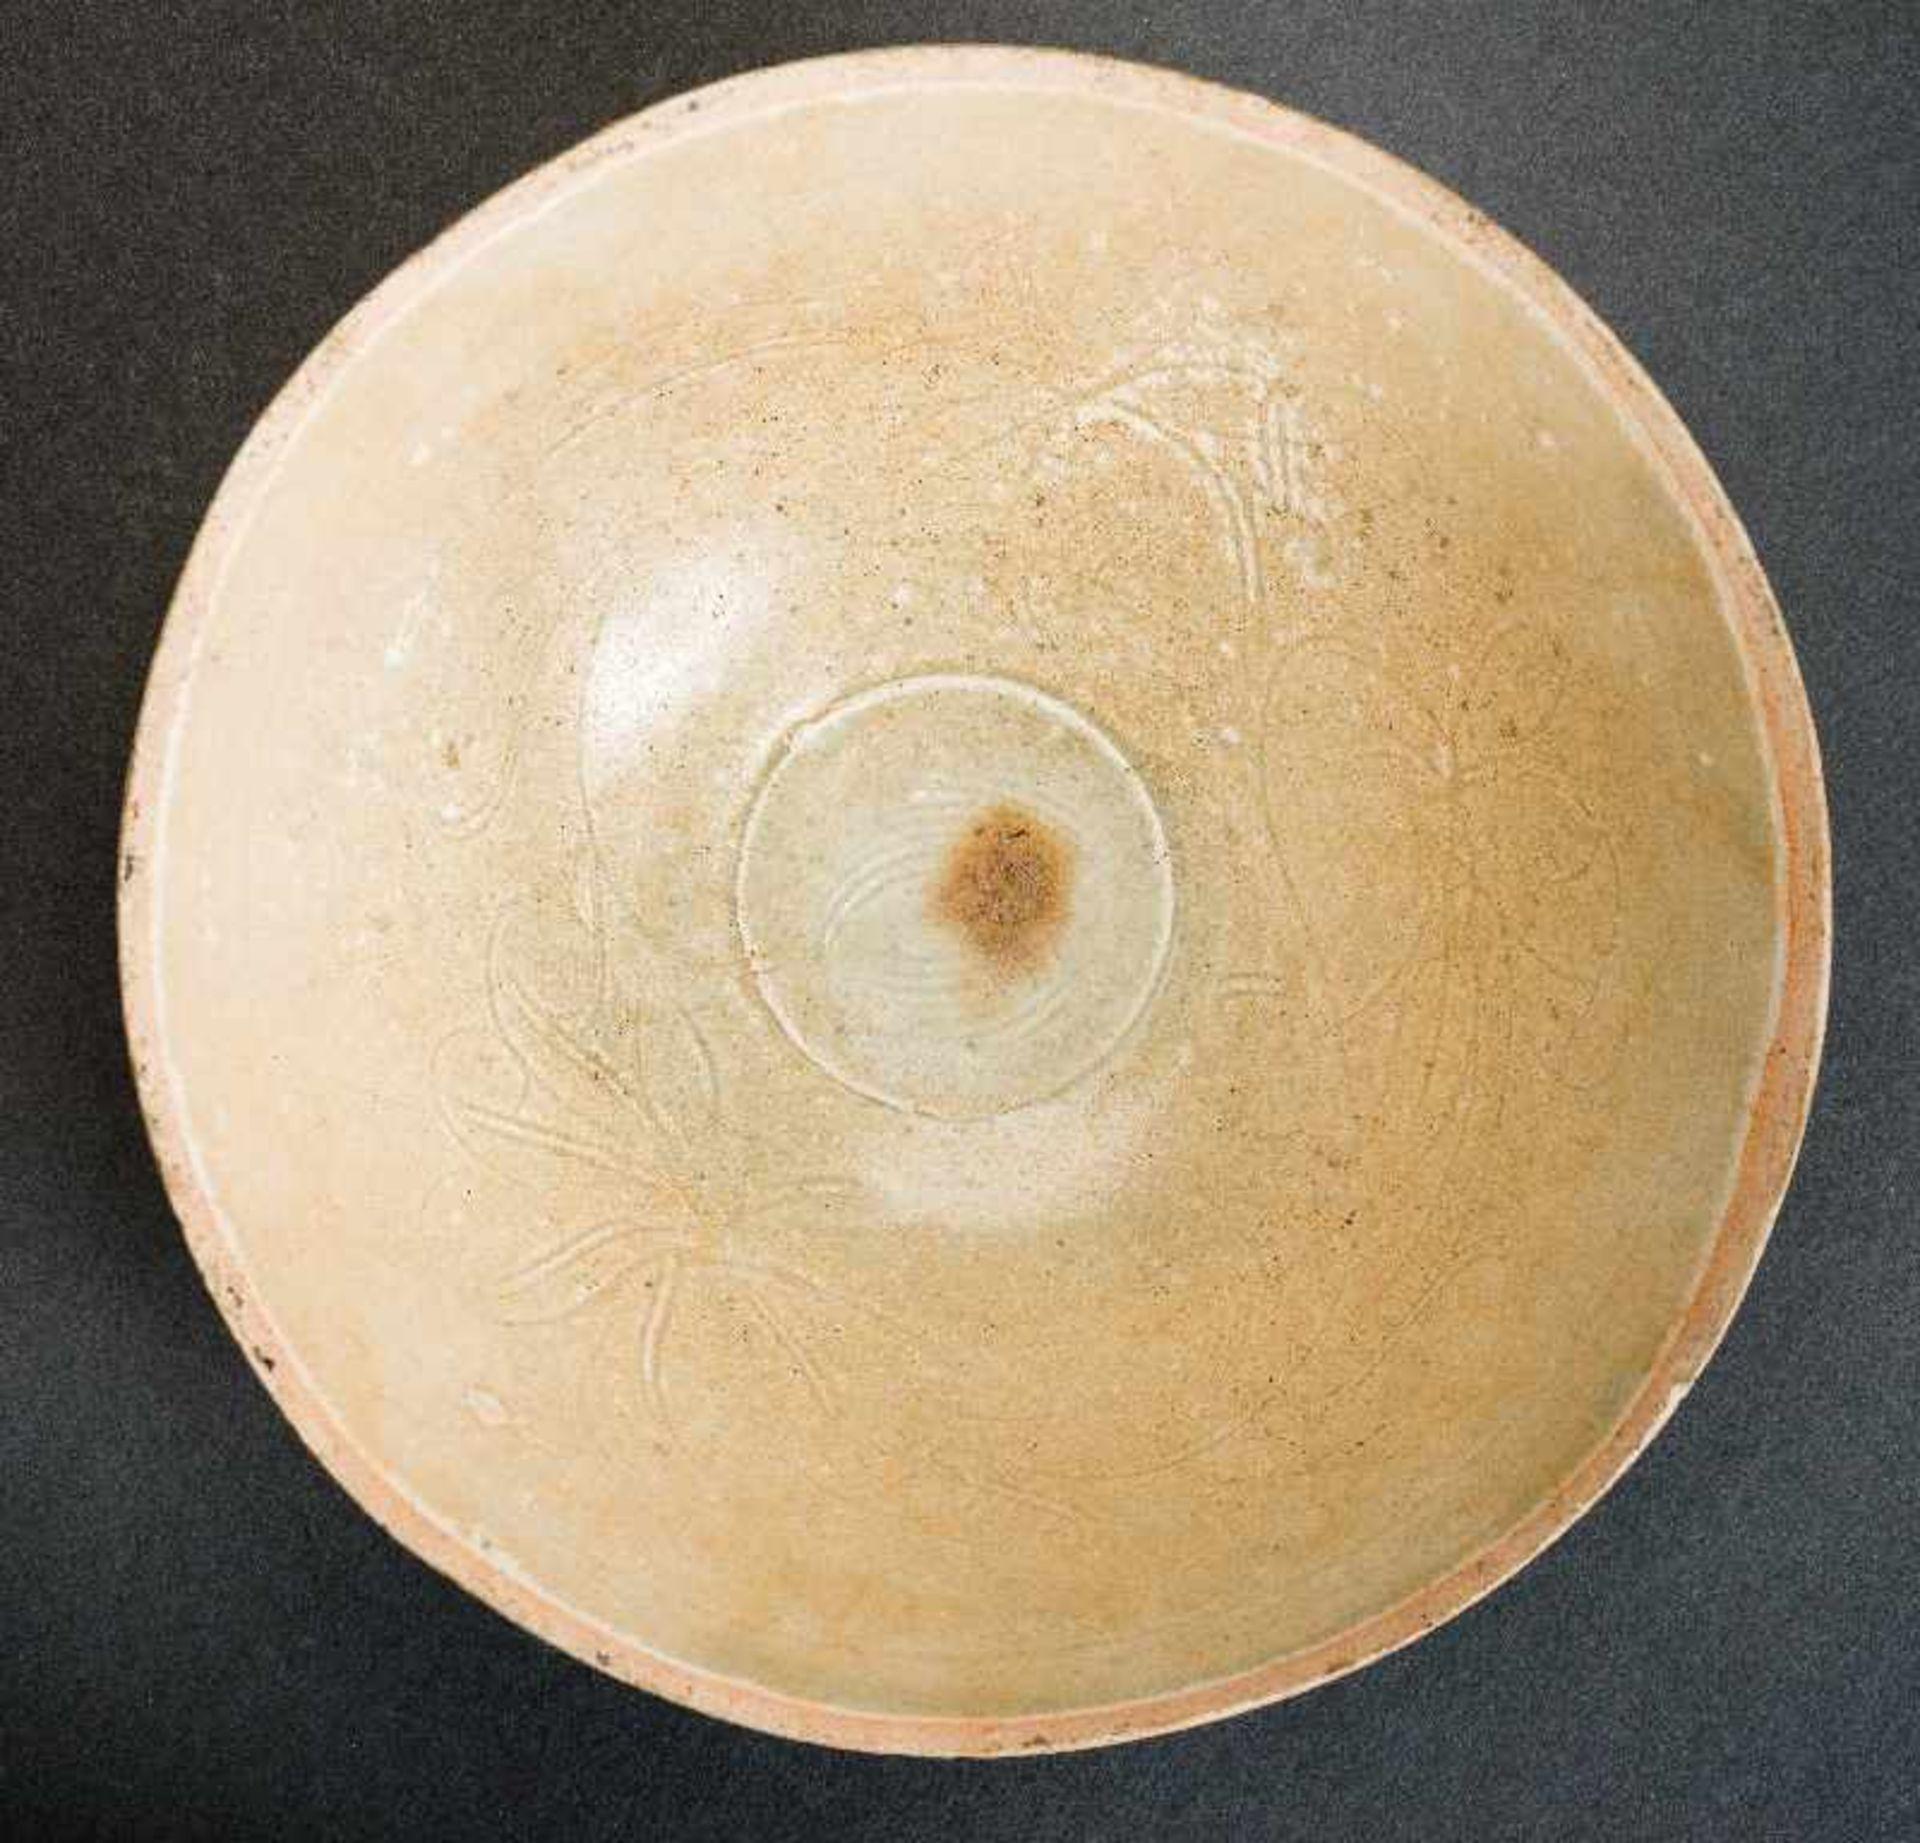 TIEFE SCHALEGlasierte Keramik. China, Song, ca. 12. bis 13. Jh. Diese trichterförmige tiefe Schale